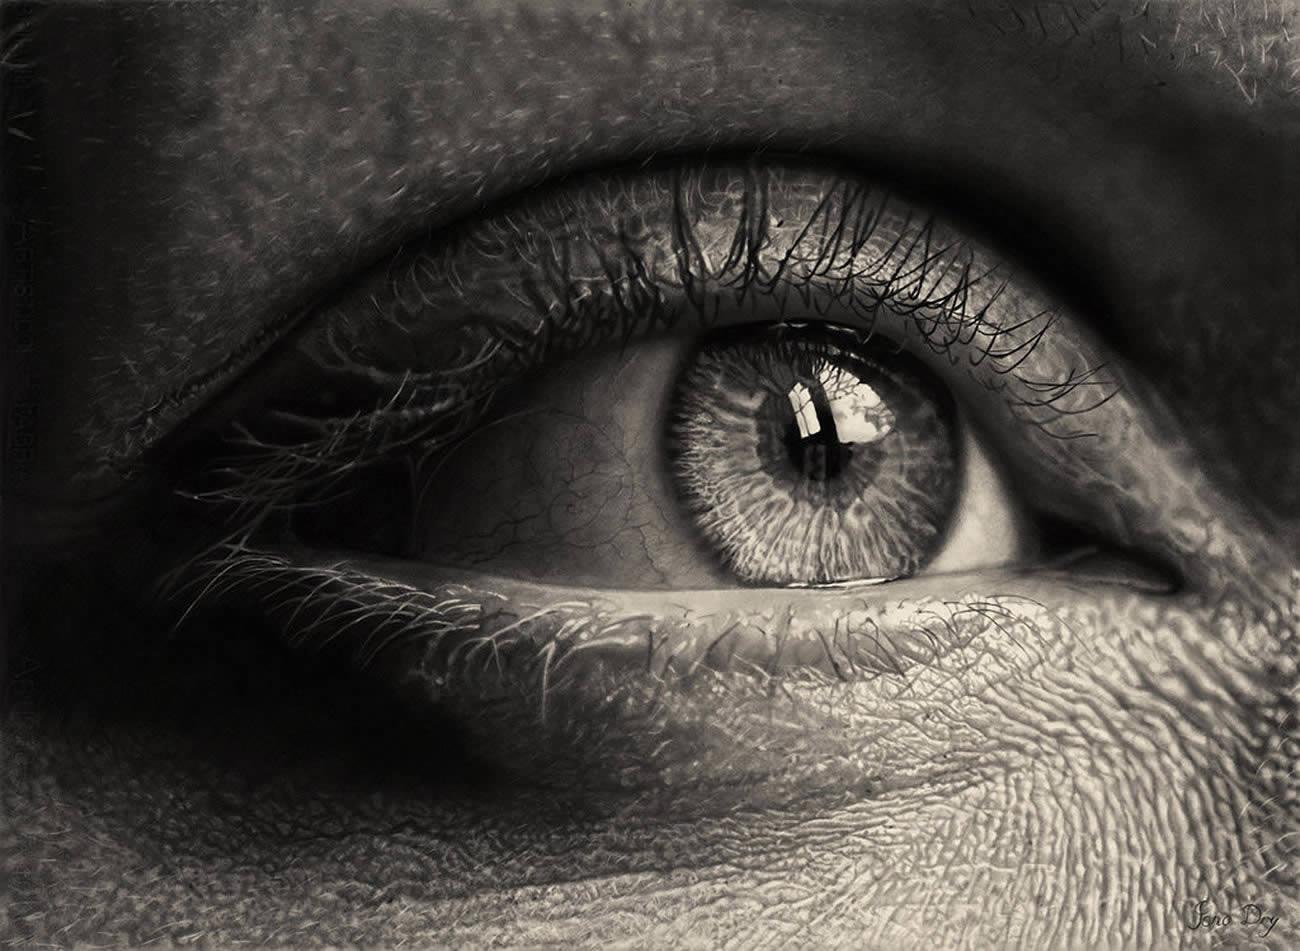 beautiful eye drawing by jono dry